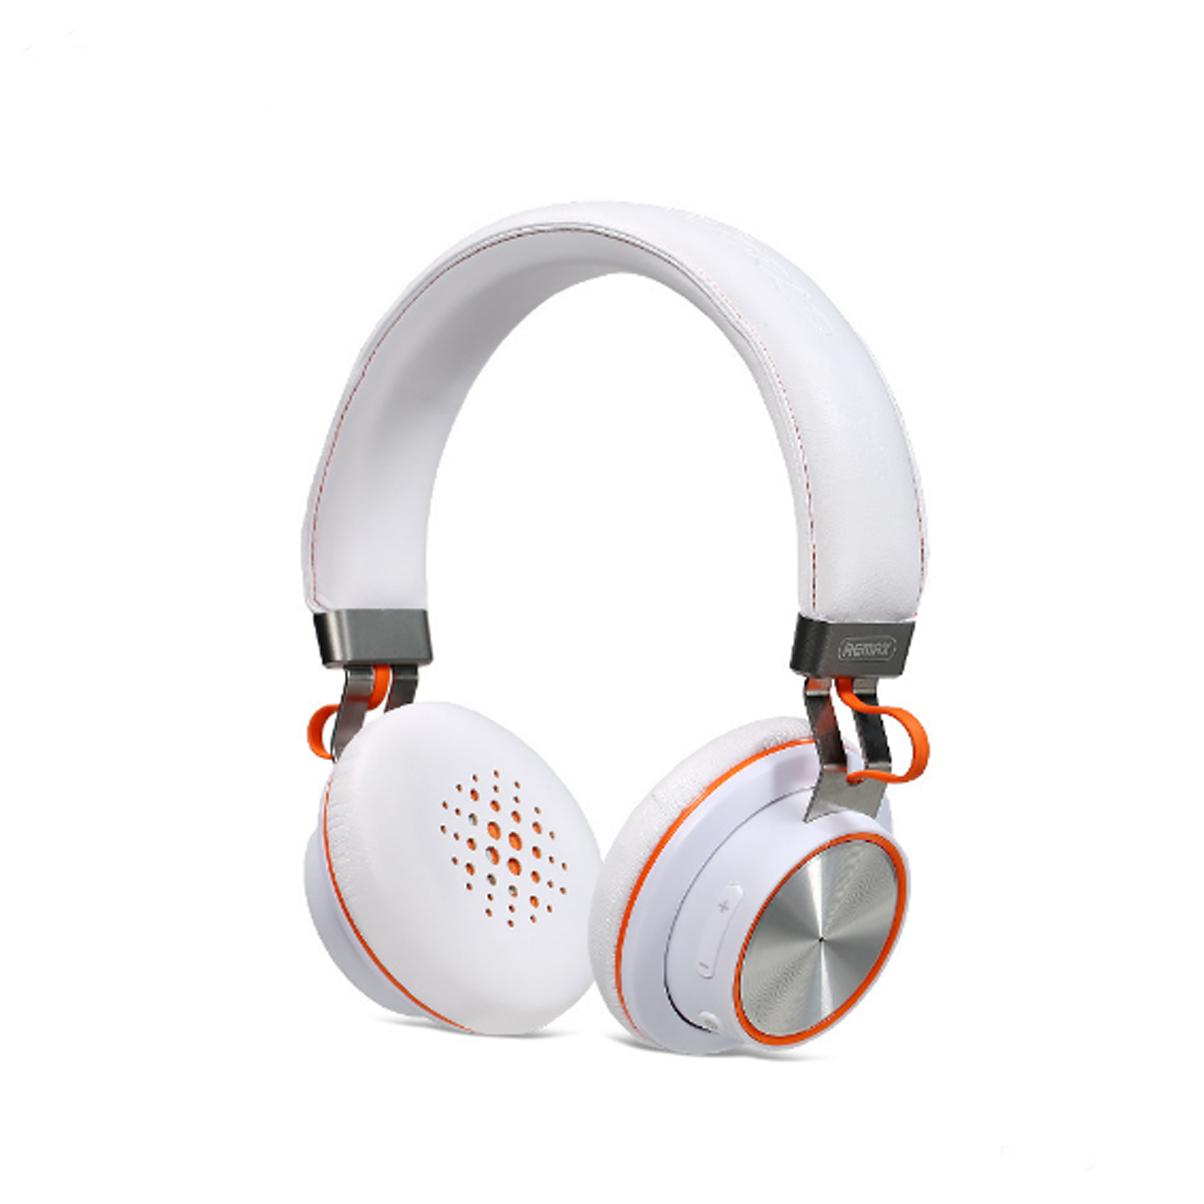 Tai Nghe Bluetooth Remax RB-195HB -Tặng Gía Đỡ Điện thoại – Hàng Chính Hãng - 15672958 , 6565437681306 , 62_25643912 , 1699000 , Tai-Nghe-Bluetooth-Remax-RB-195HB-Tang-Gia-Do-Dien-thoai-Hang-Chinh-Hang-62_25643912 , tiki.vn , Tai Nghe Bluetooth Remax RB-195HB -Tặng Gía Đỡ Điện thoại – Hàng Chính Hãng